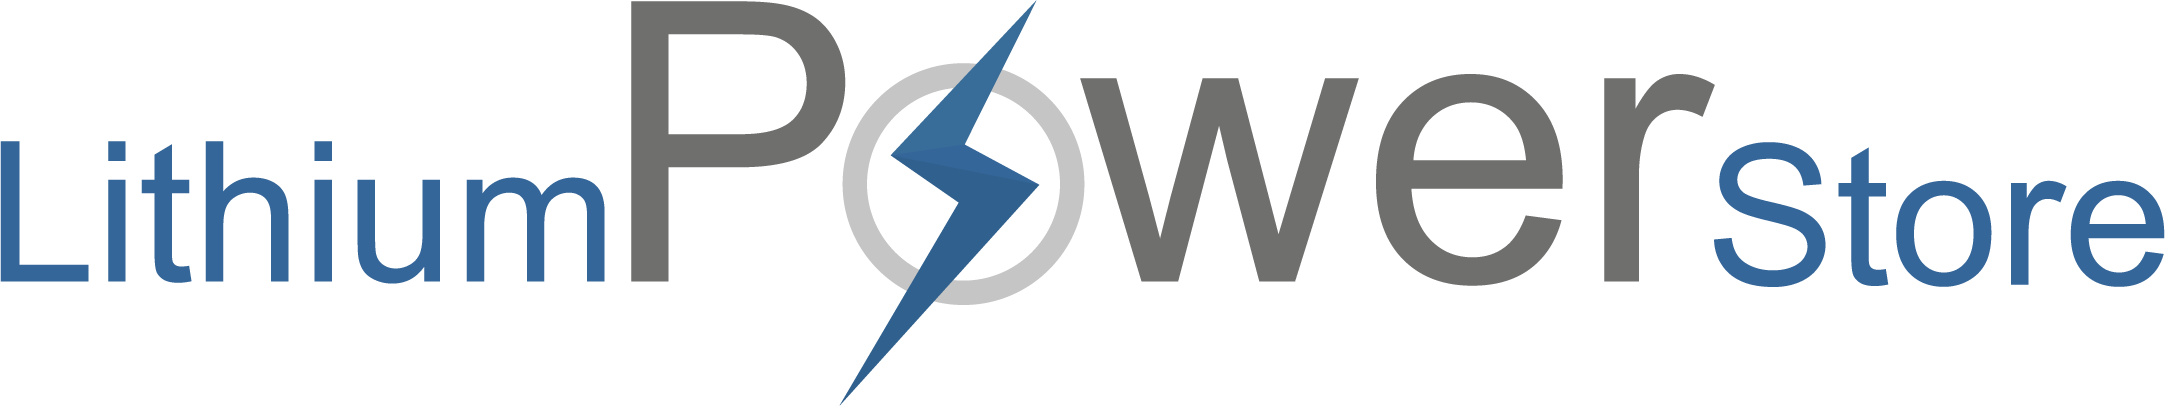 Lithium-PowerStore.de-Logo